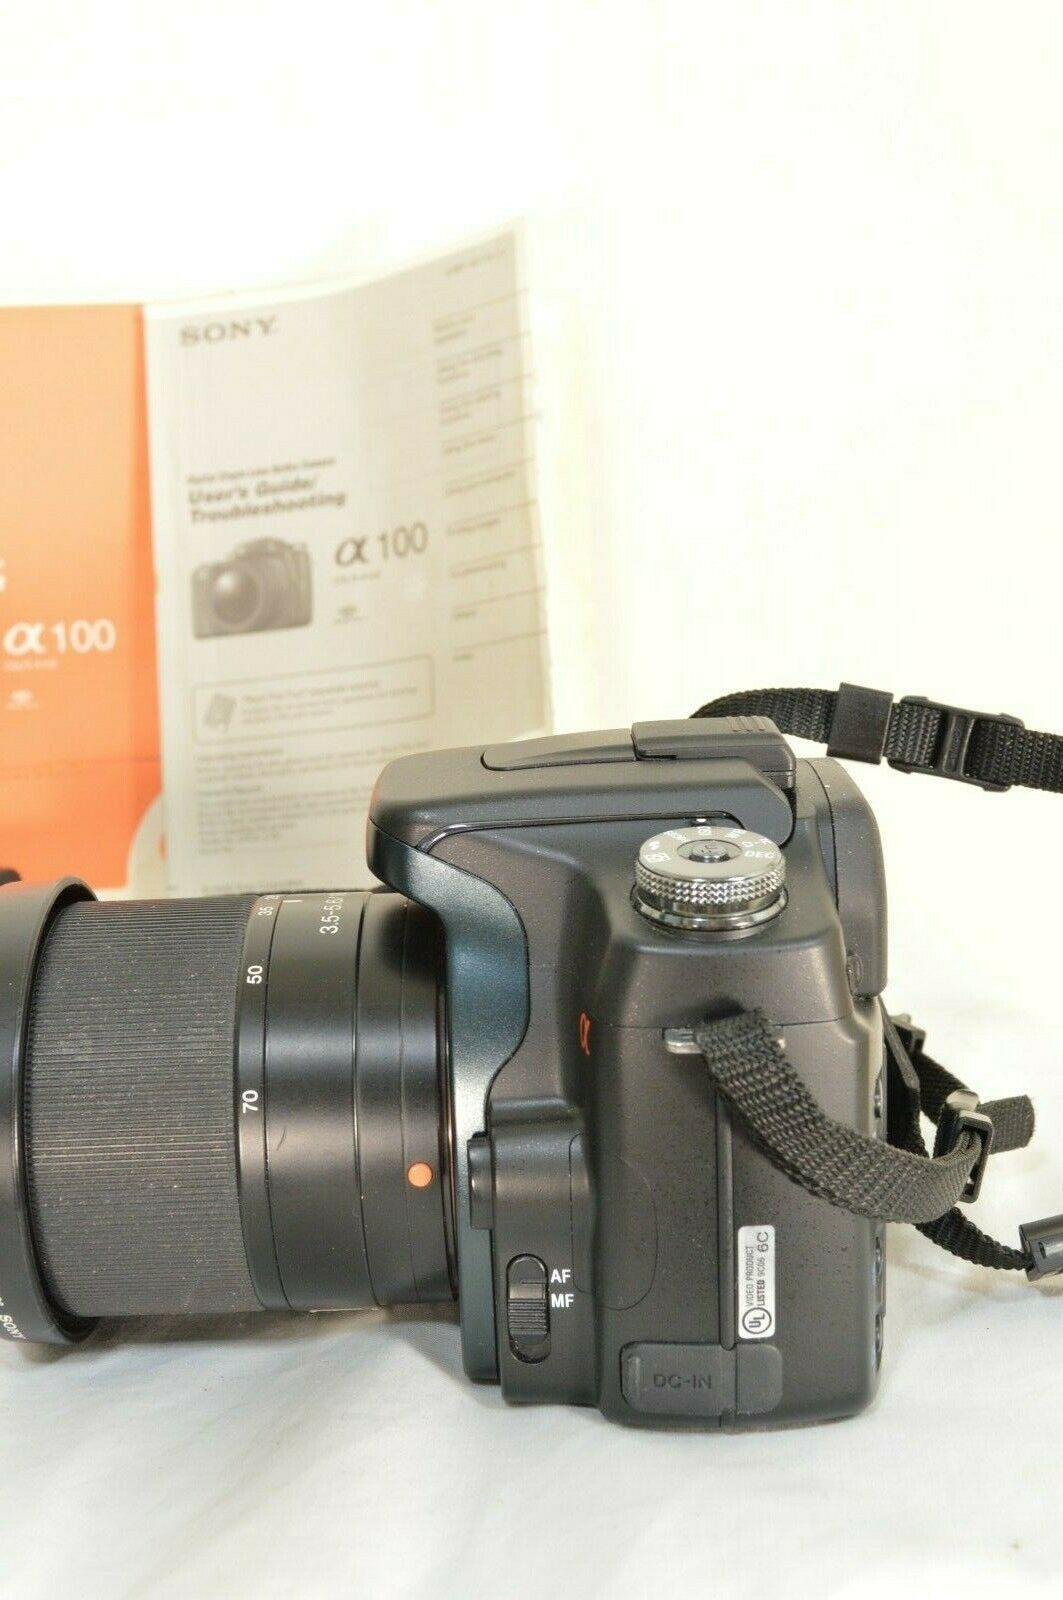 Sony Alpha a100 10.2MP Digital SLR Camera - Black (Kit w/ DT 18-70mm Lens) image 5